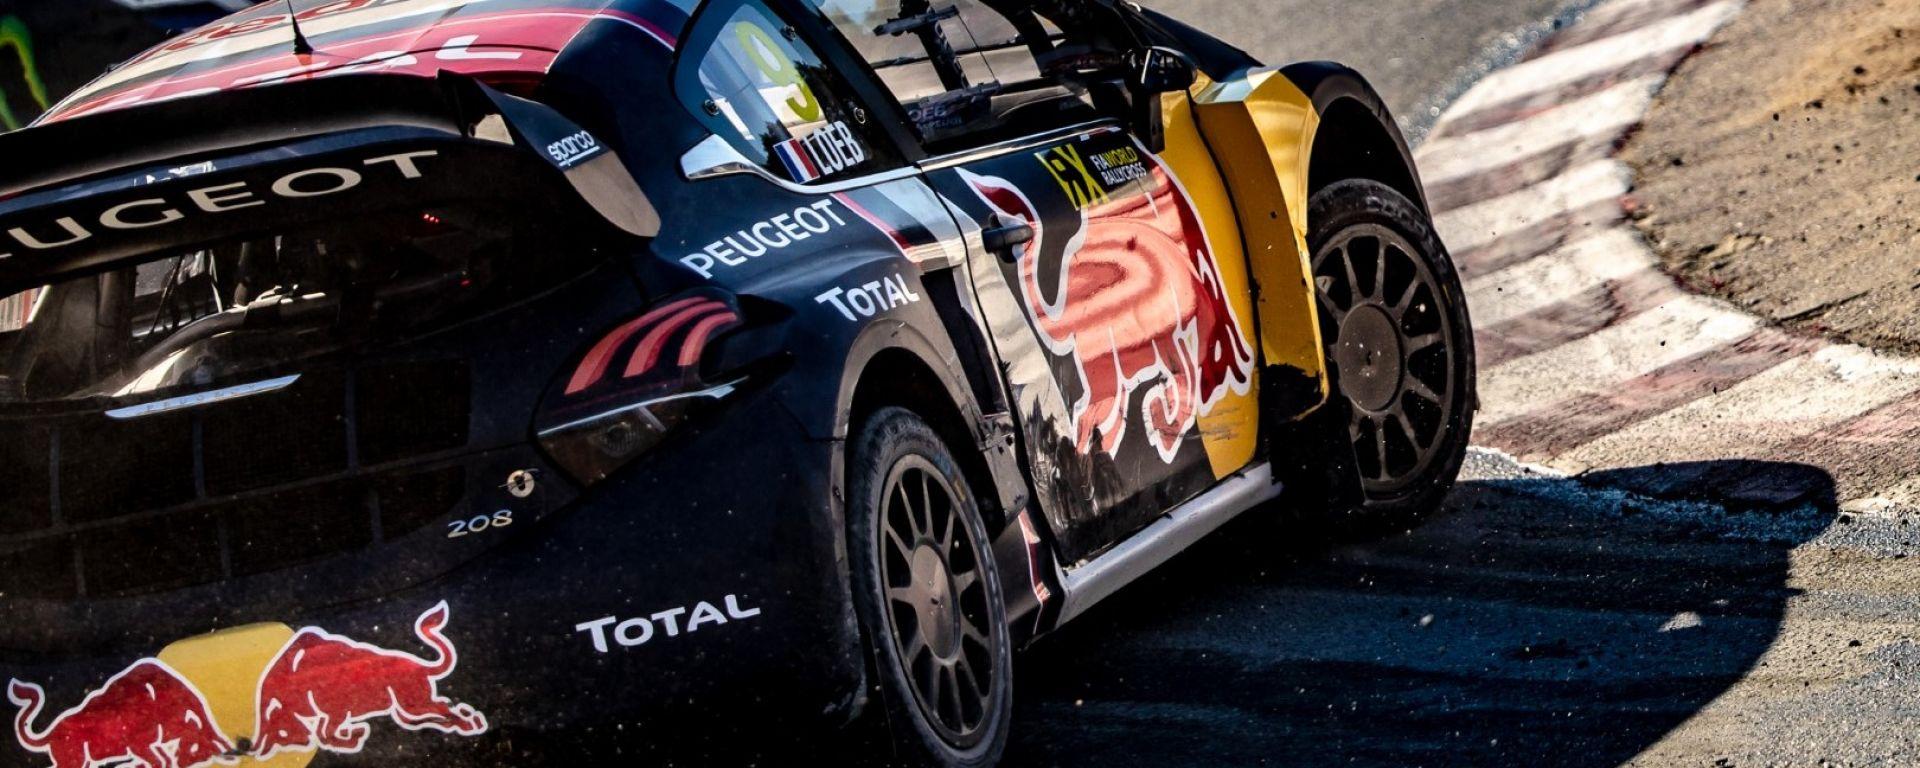 Peugeot Sport lascia il Rallycross: ecco il comunicato